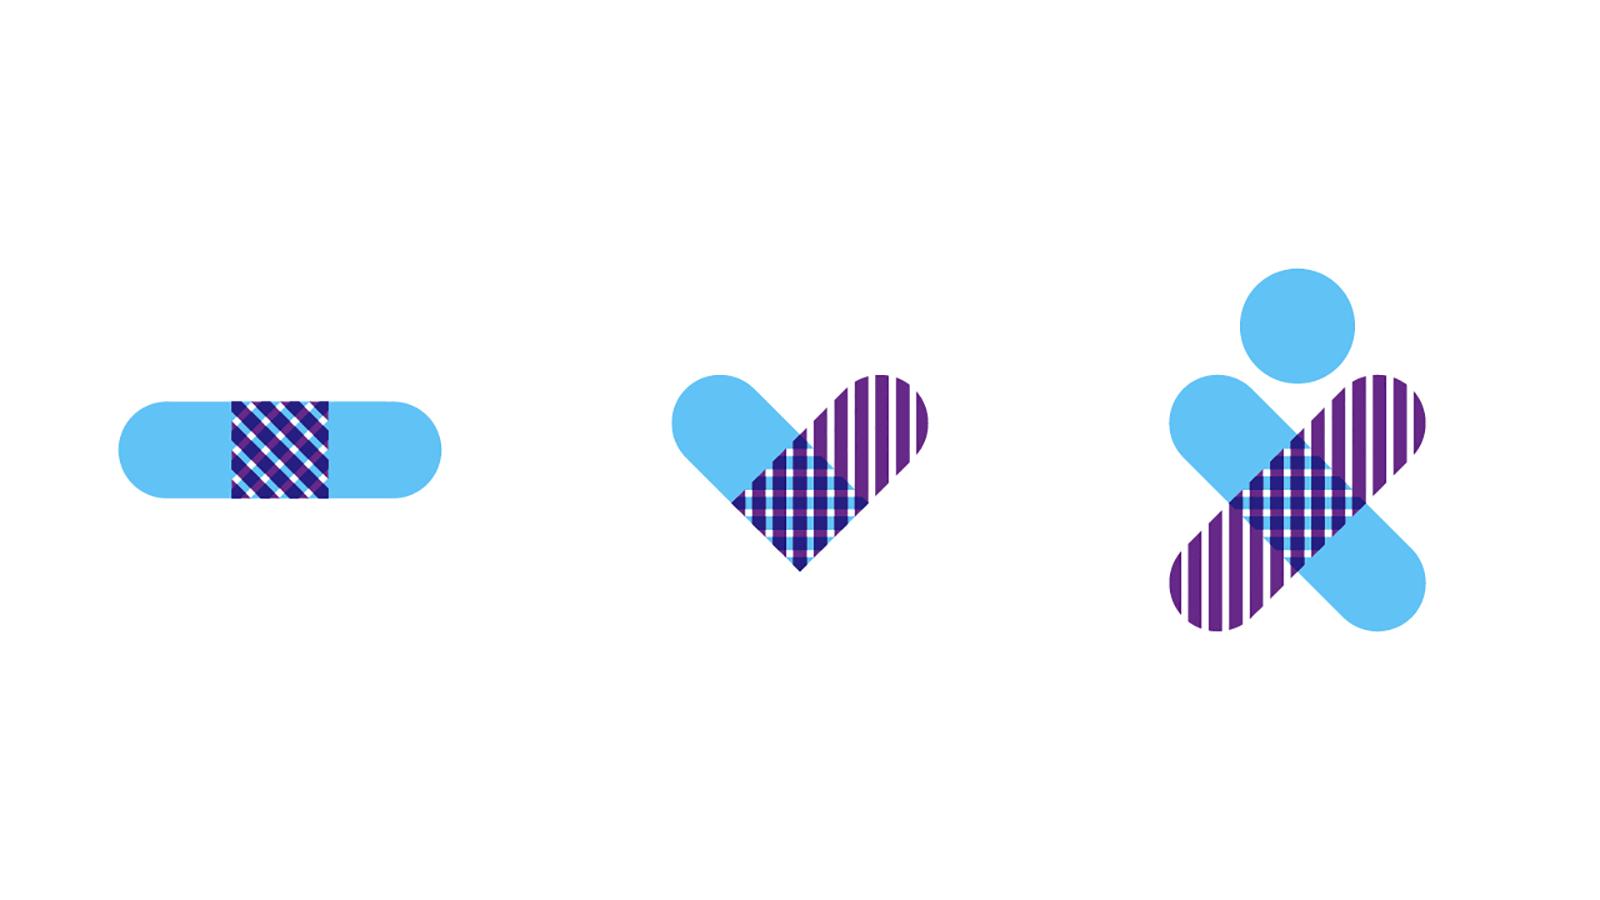 蒙特利爾兒童醫院基金會啟動新的logo和形象-VI設計1